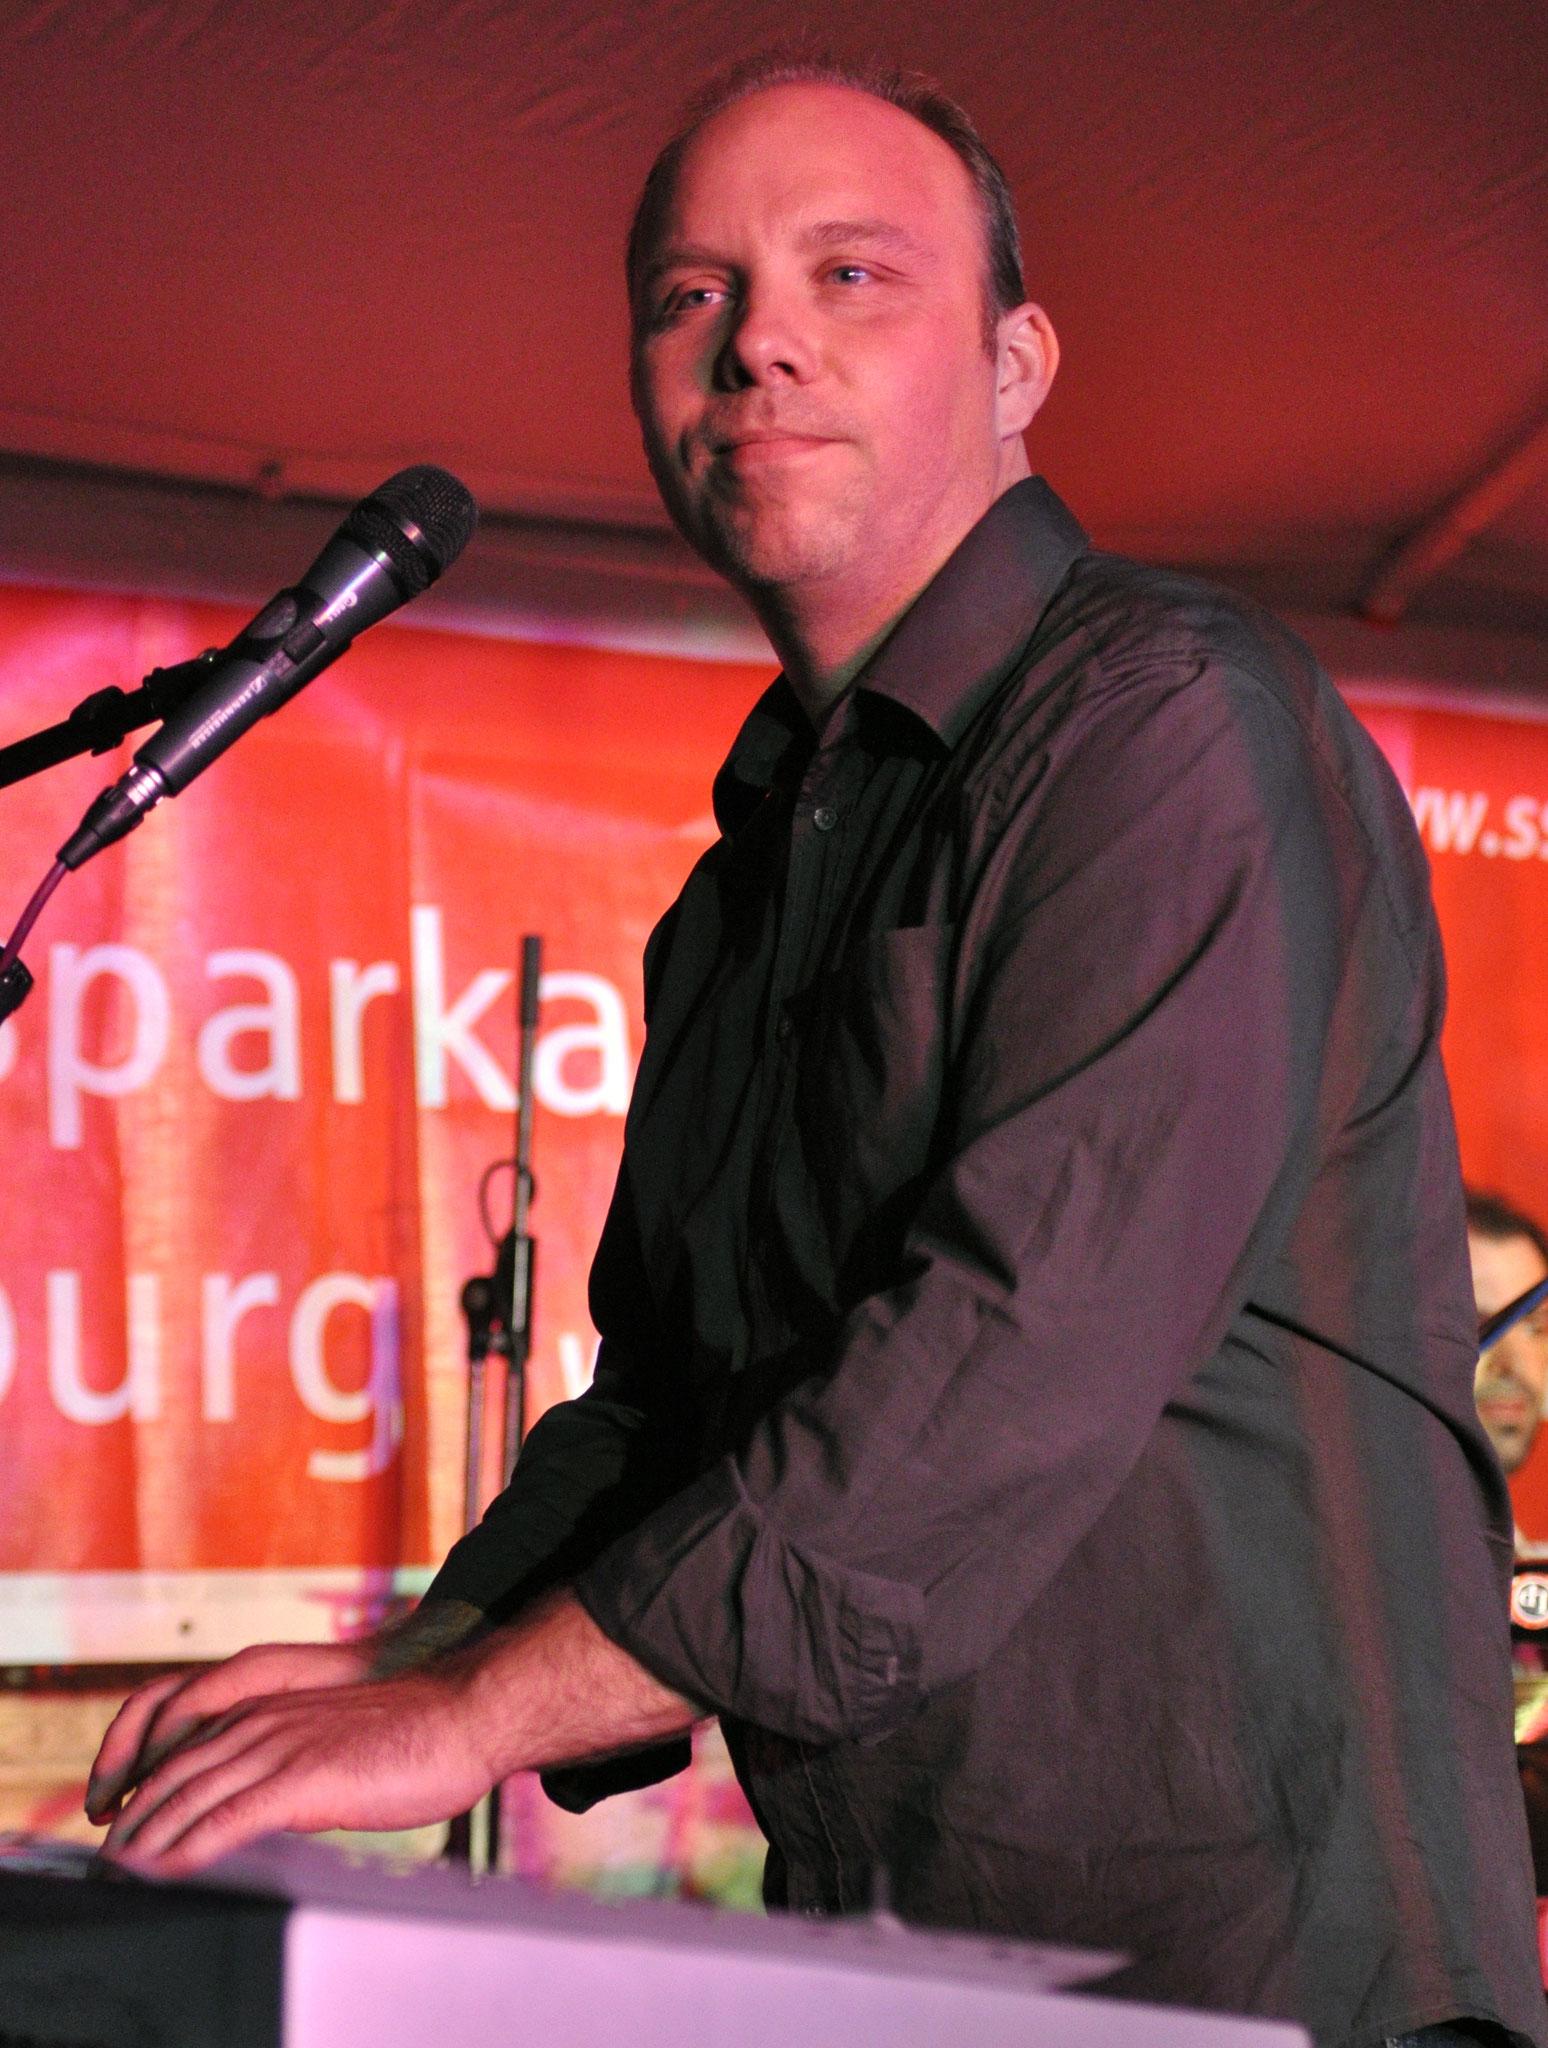 Konzerte im Bürgerhof 16.07.11 phonicplus - Freiwilligen-Zentrum Augsburg - Foto: Martin Schönberger